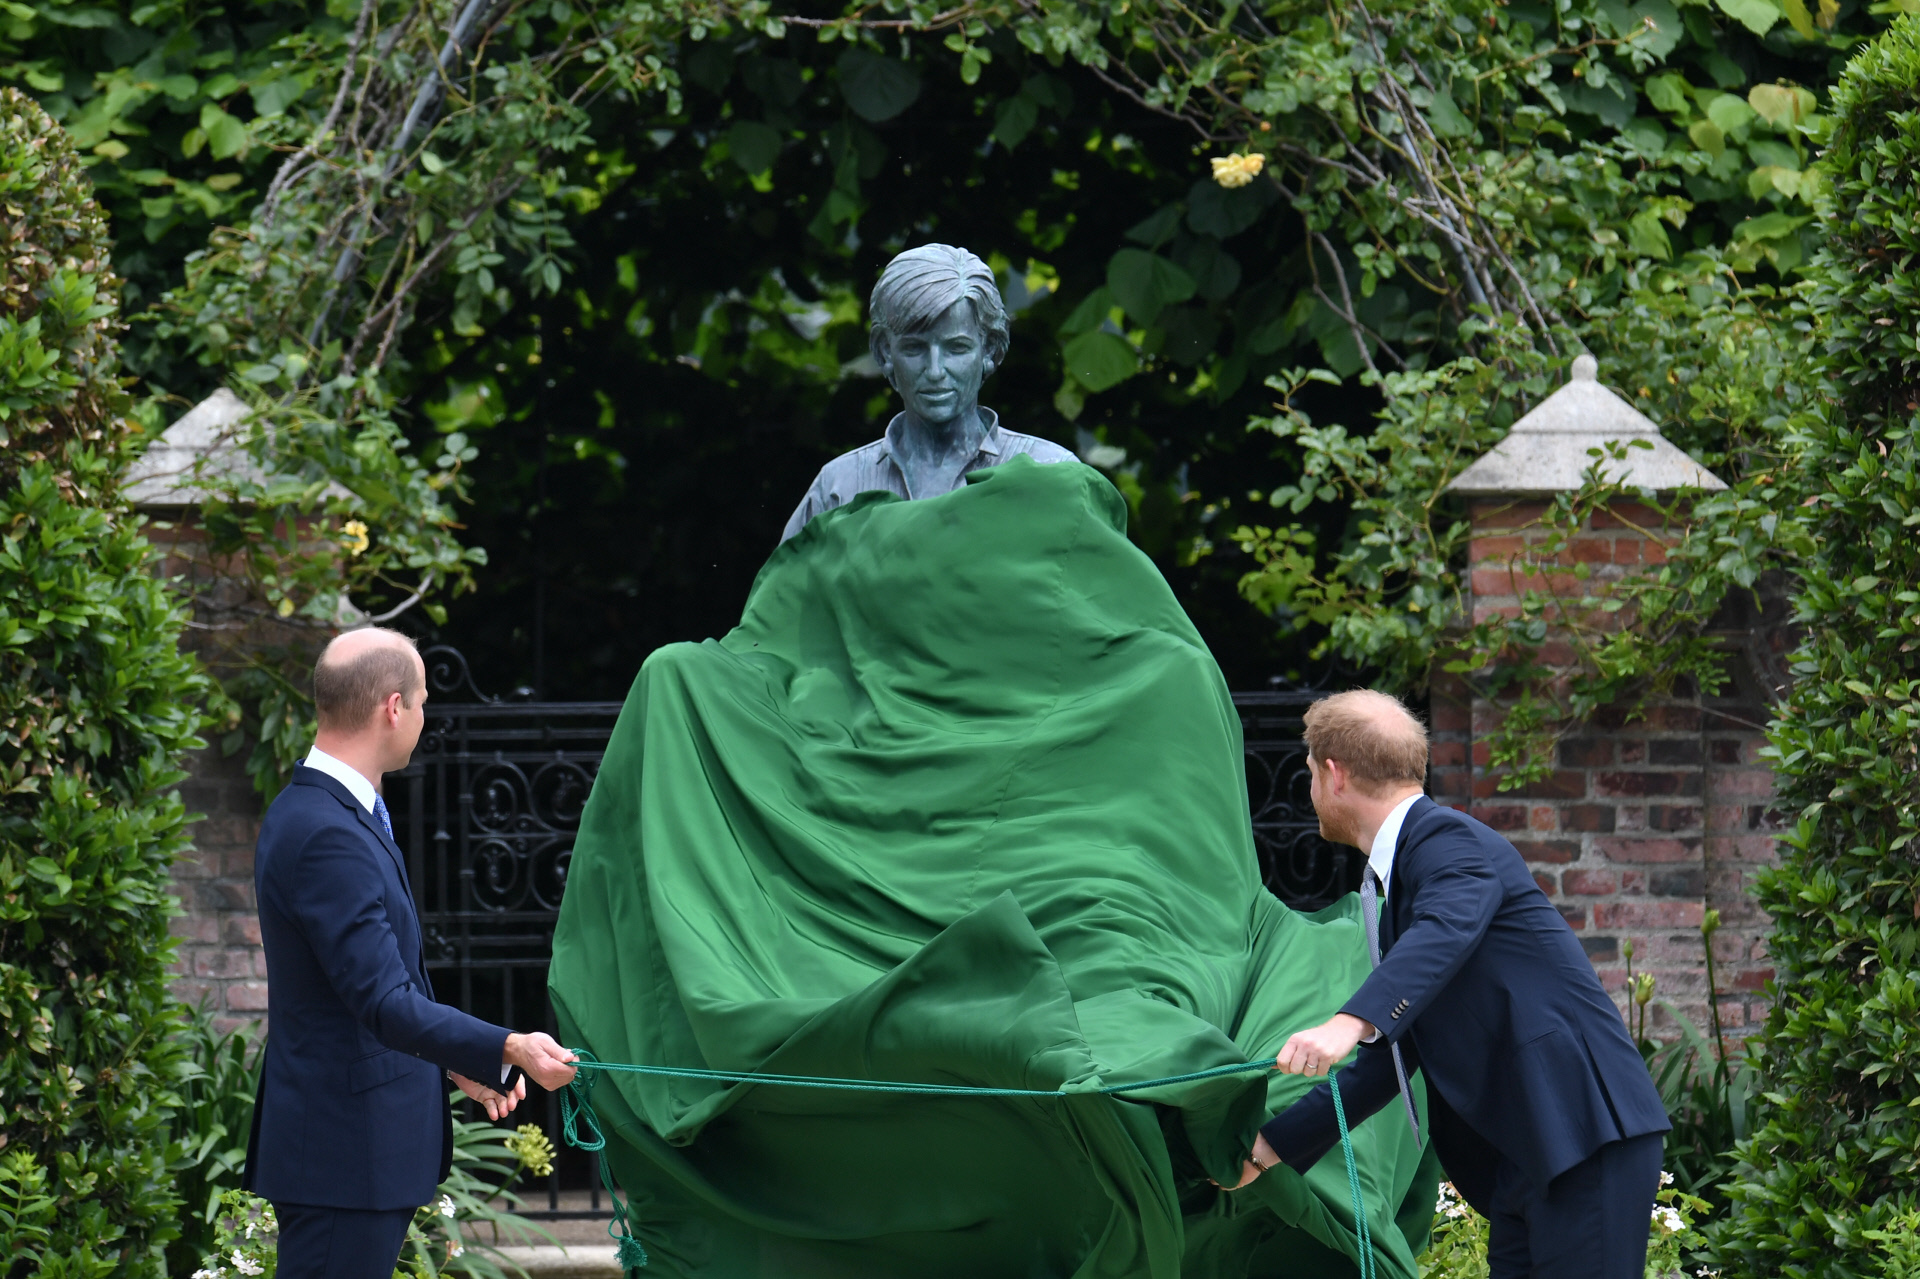 Los príncipes, cuando han descubierto la estatua de su madre.